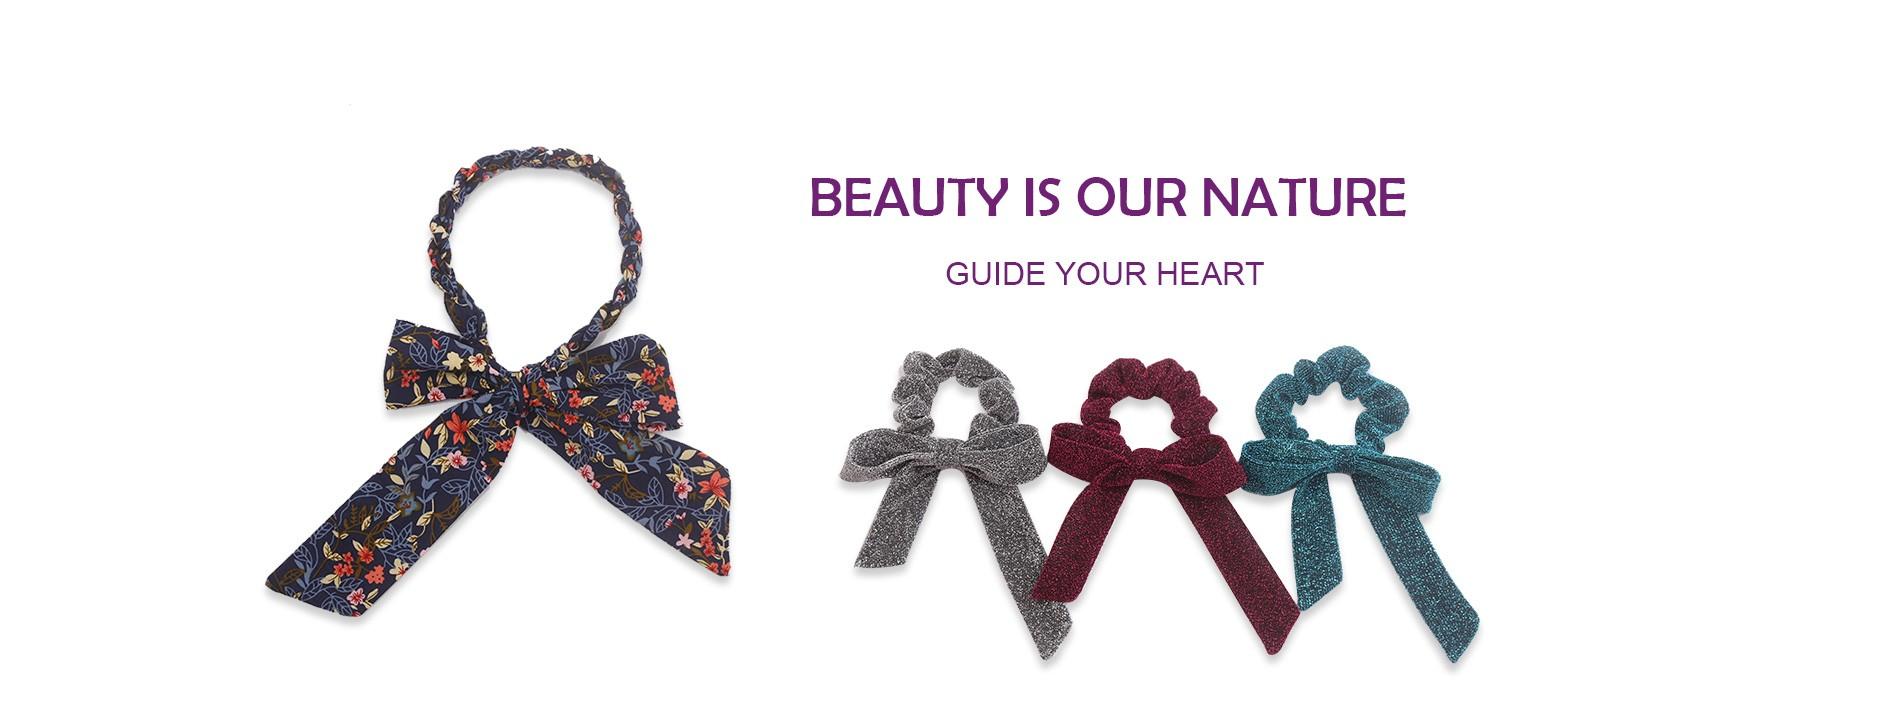 Decorative Hair Pins, Stylish Hair Band